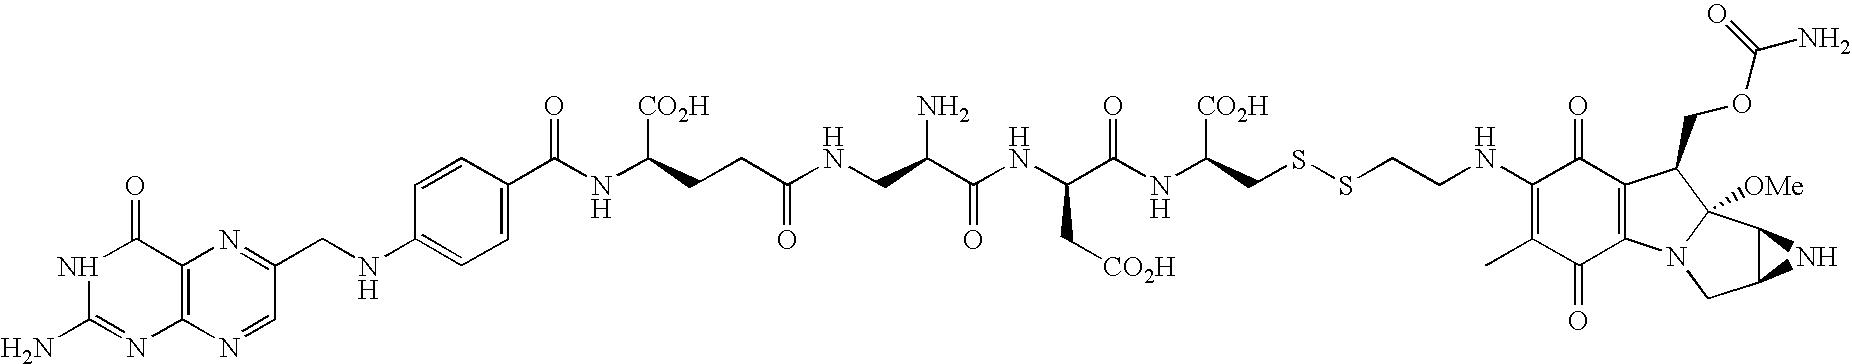 Figure US20100004276A1-20100107-C00165